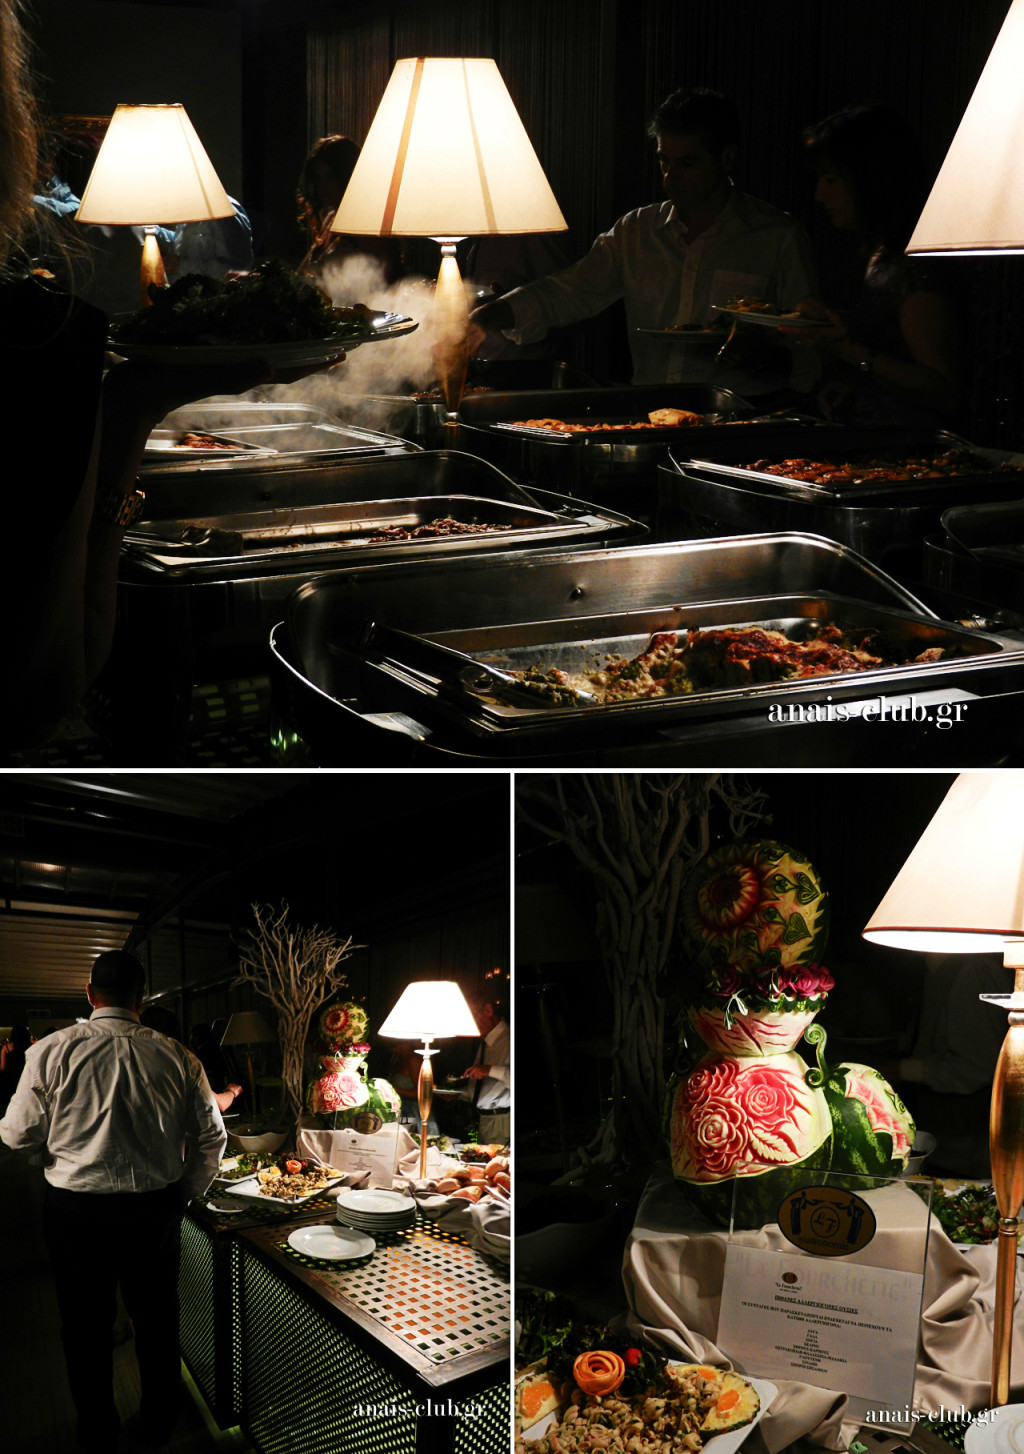 Στιγμιότυπα από το σερβίρισμα των καλεσμένων στους πλούσιους σε γεύσεις, αρώματα και δημιουργικότητα, μπουφέδες του Anais Club